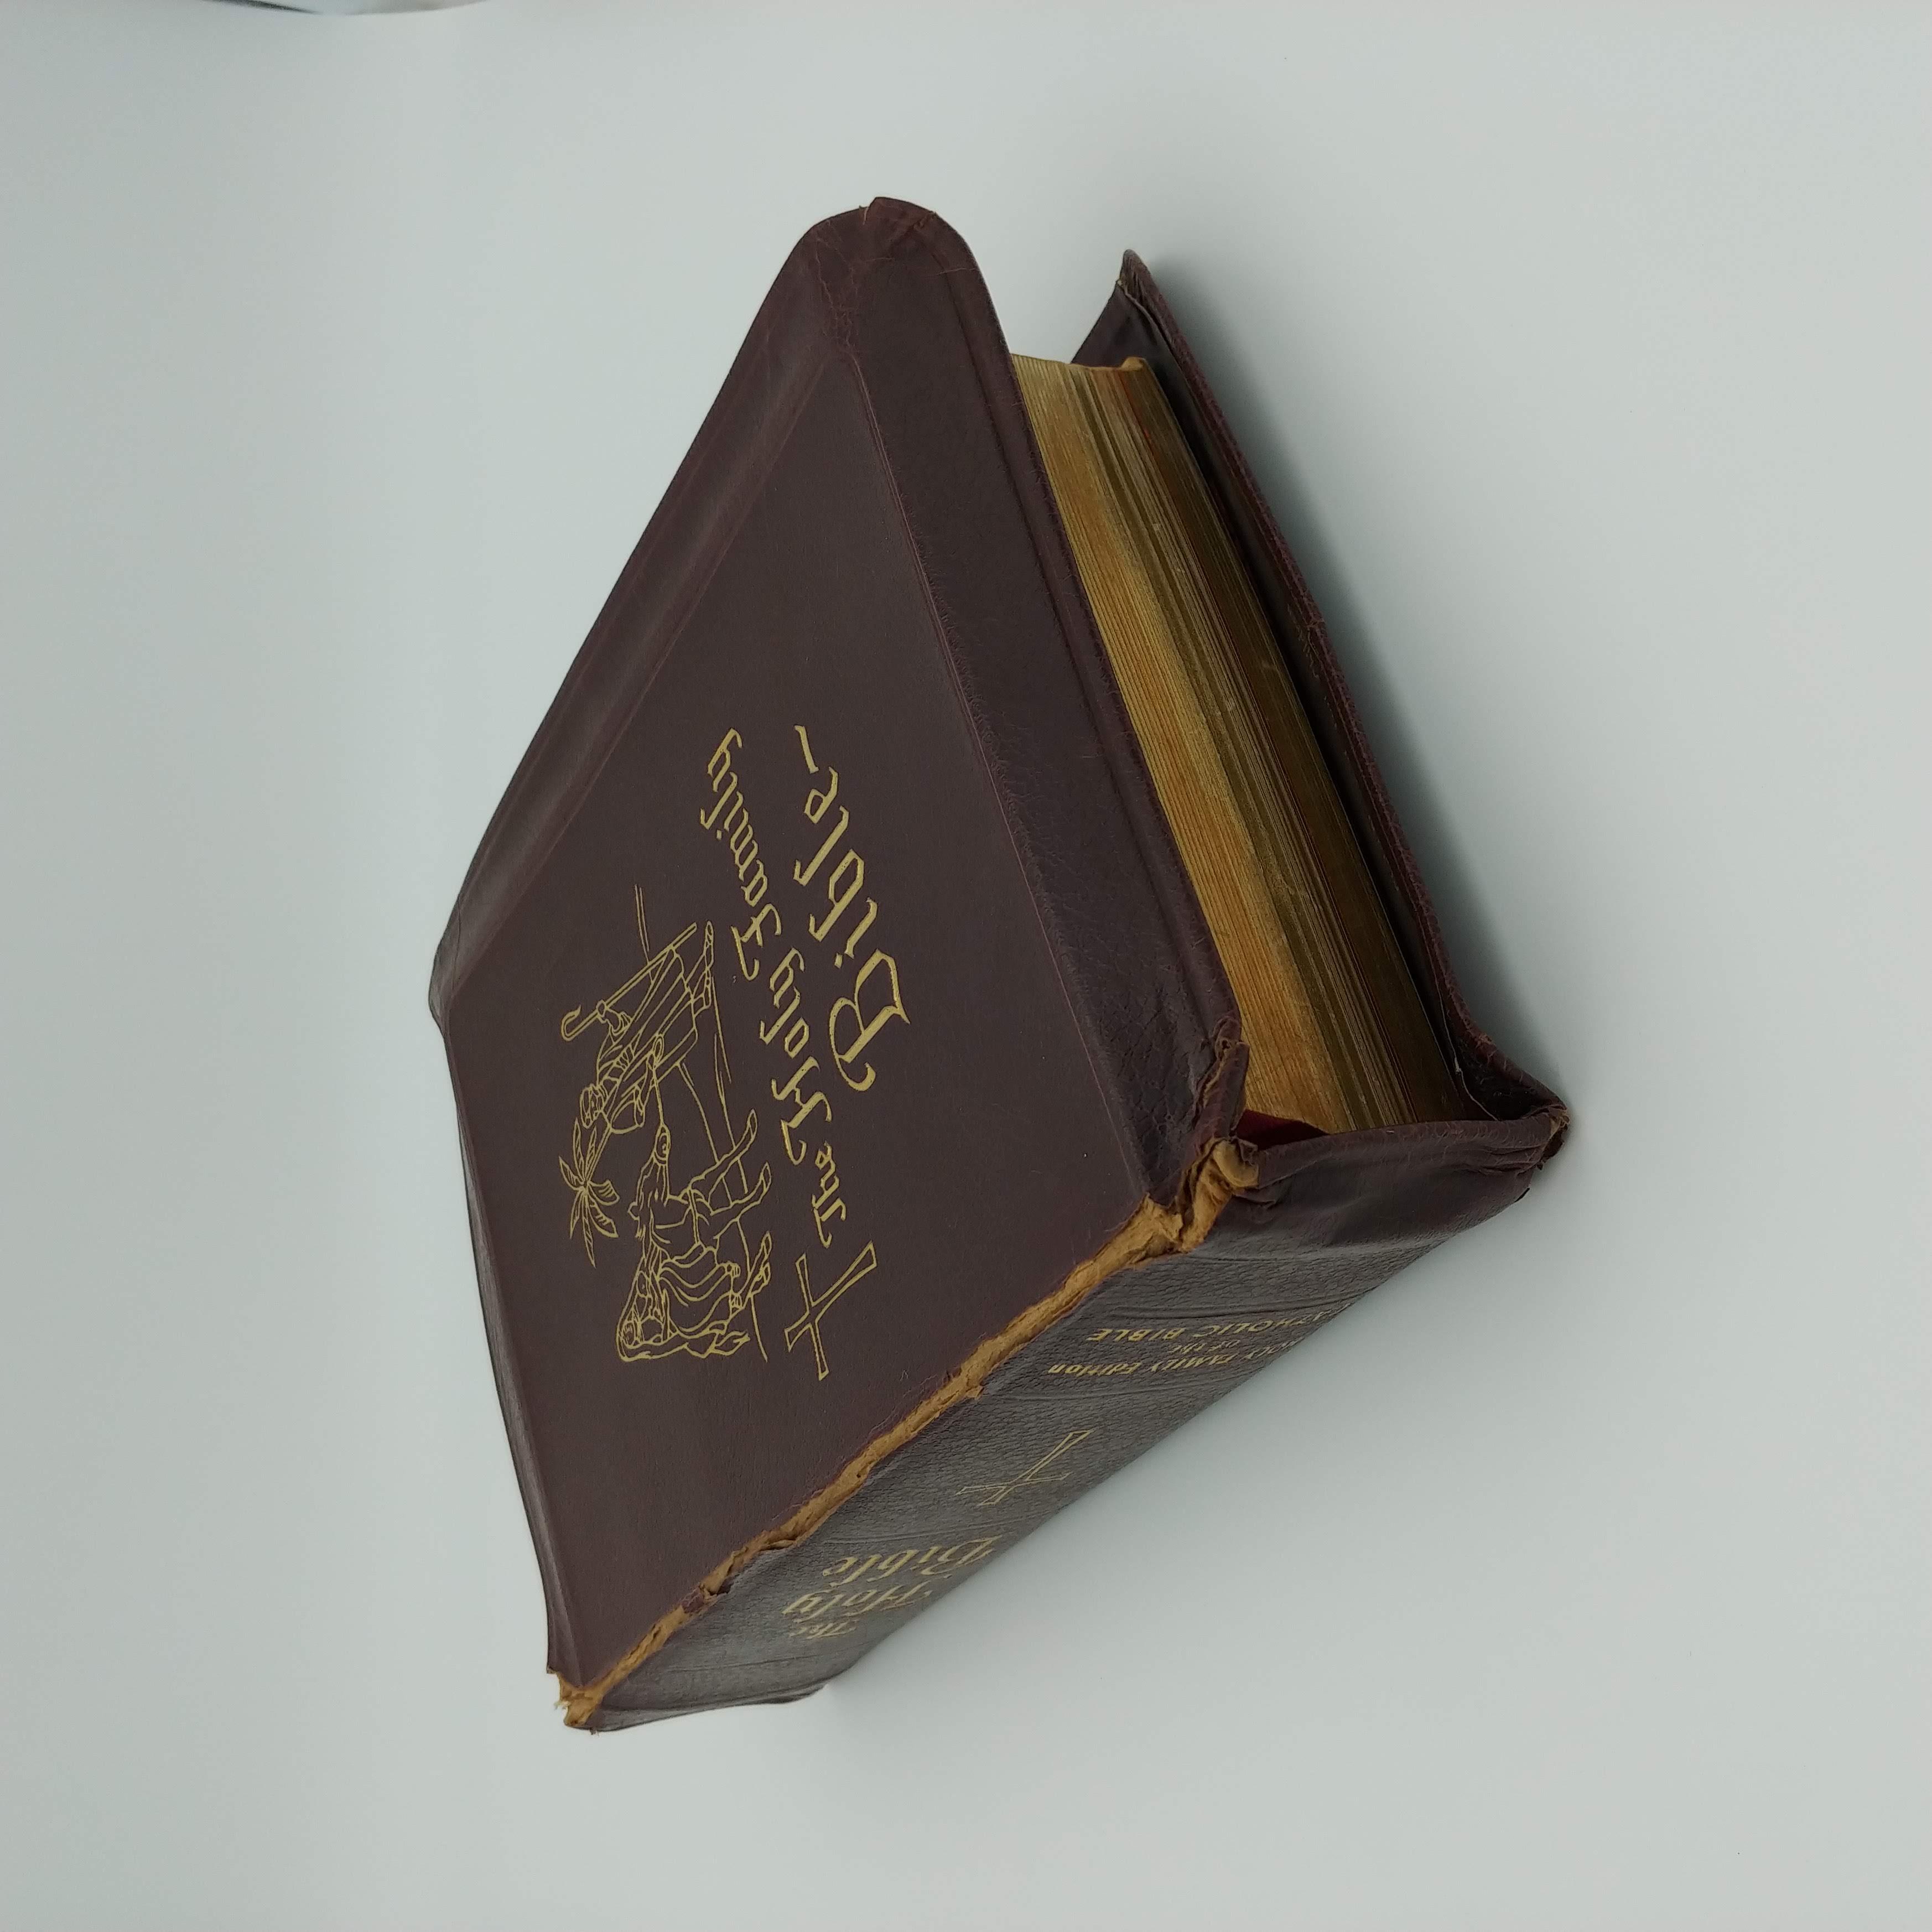 Family Bible Repair - Blog - Percy So